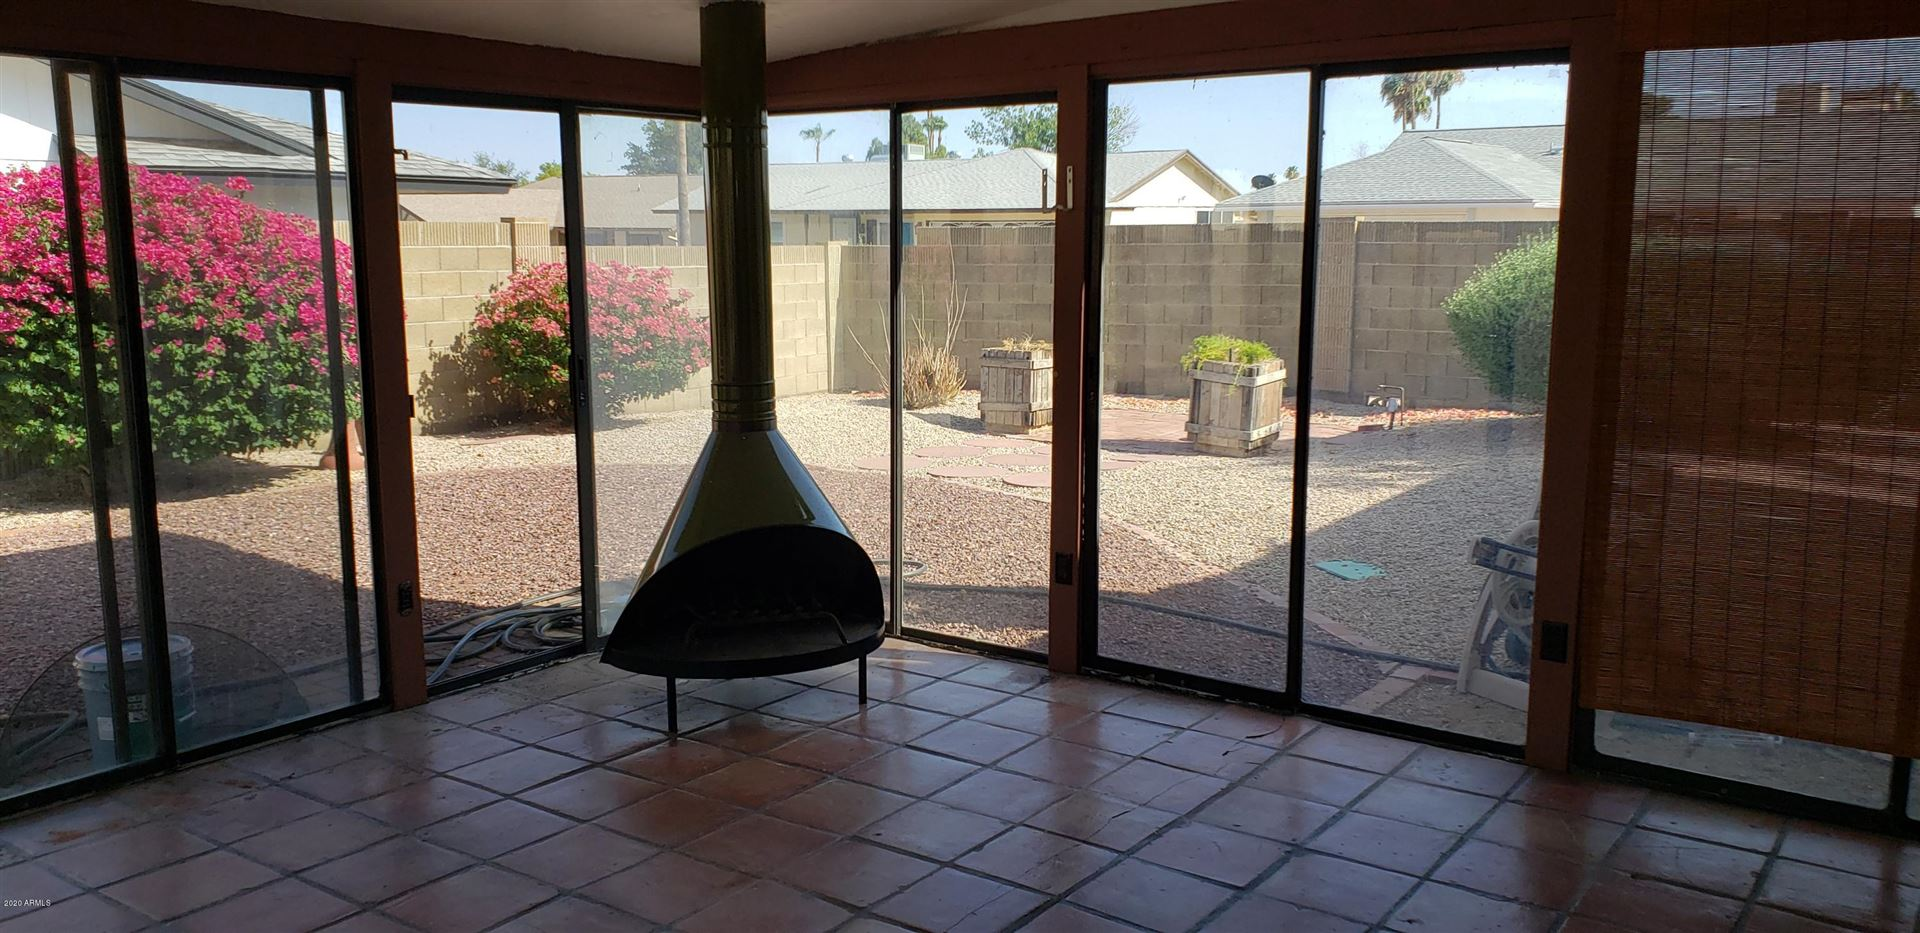 10837 S SHOSHONI Drive, Phoenix, AZ 85044 - #: 6097343